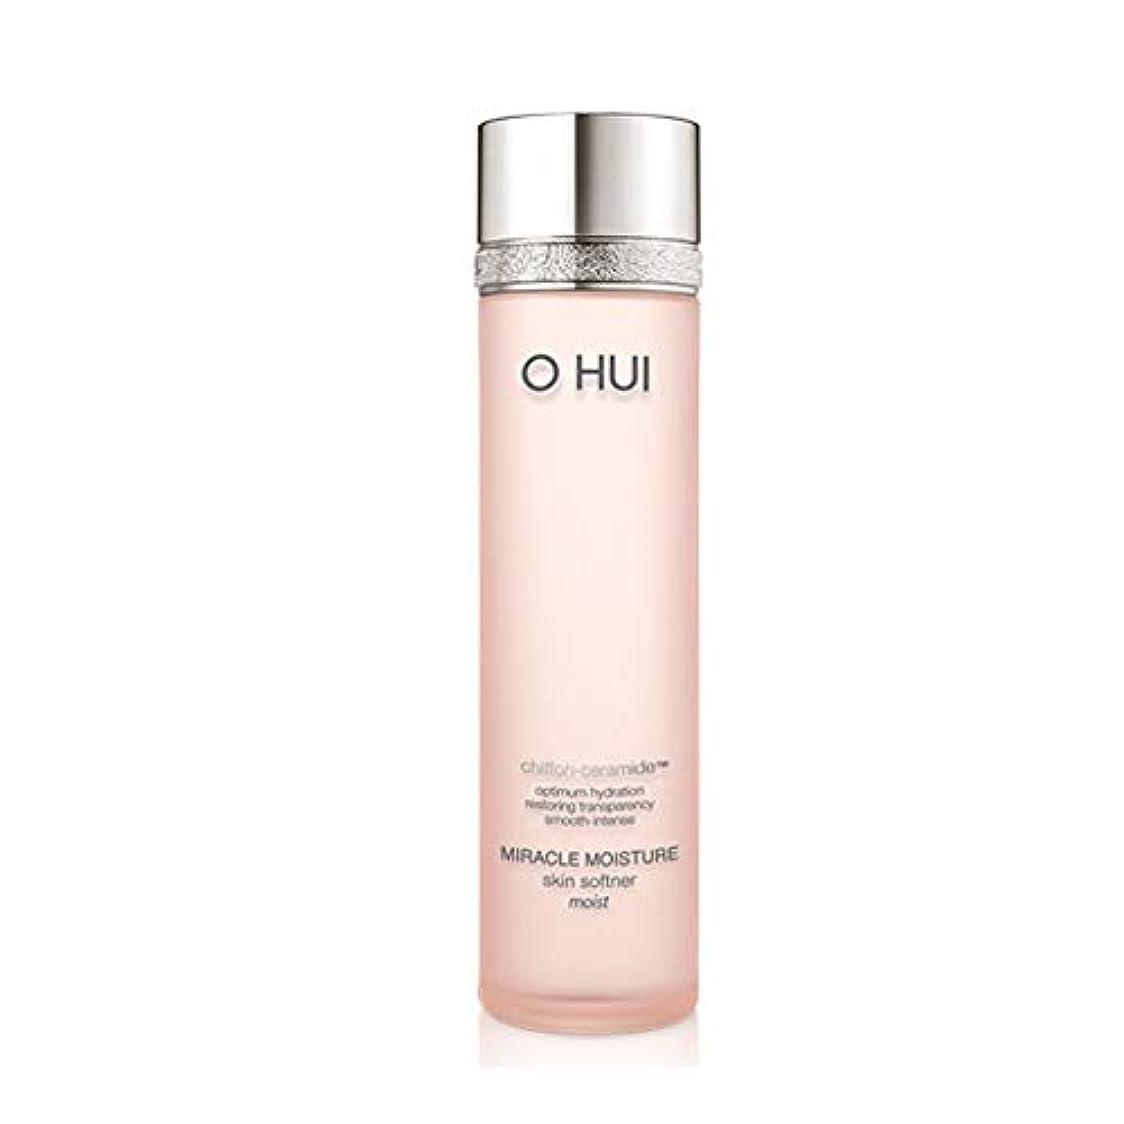 一人で該当する冗長オフィミラクルモイスチャースキンソフナー150ml、O Hui Miracle Moisture Skin Softener 150ml [並行輸入品]